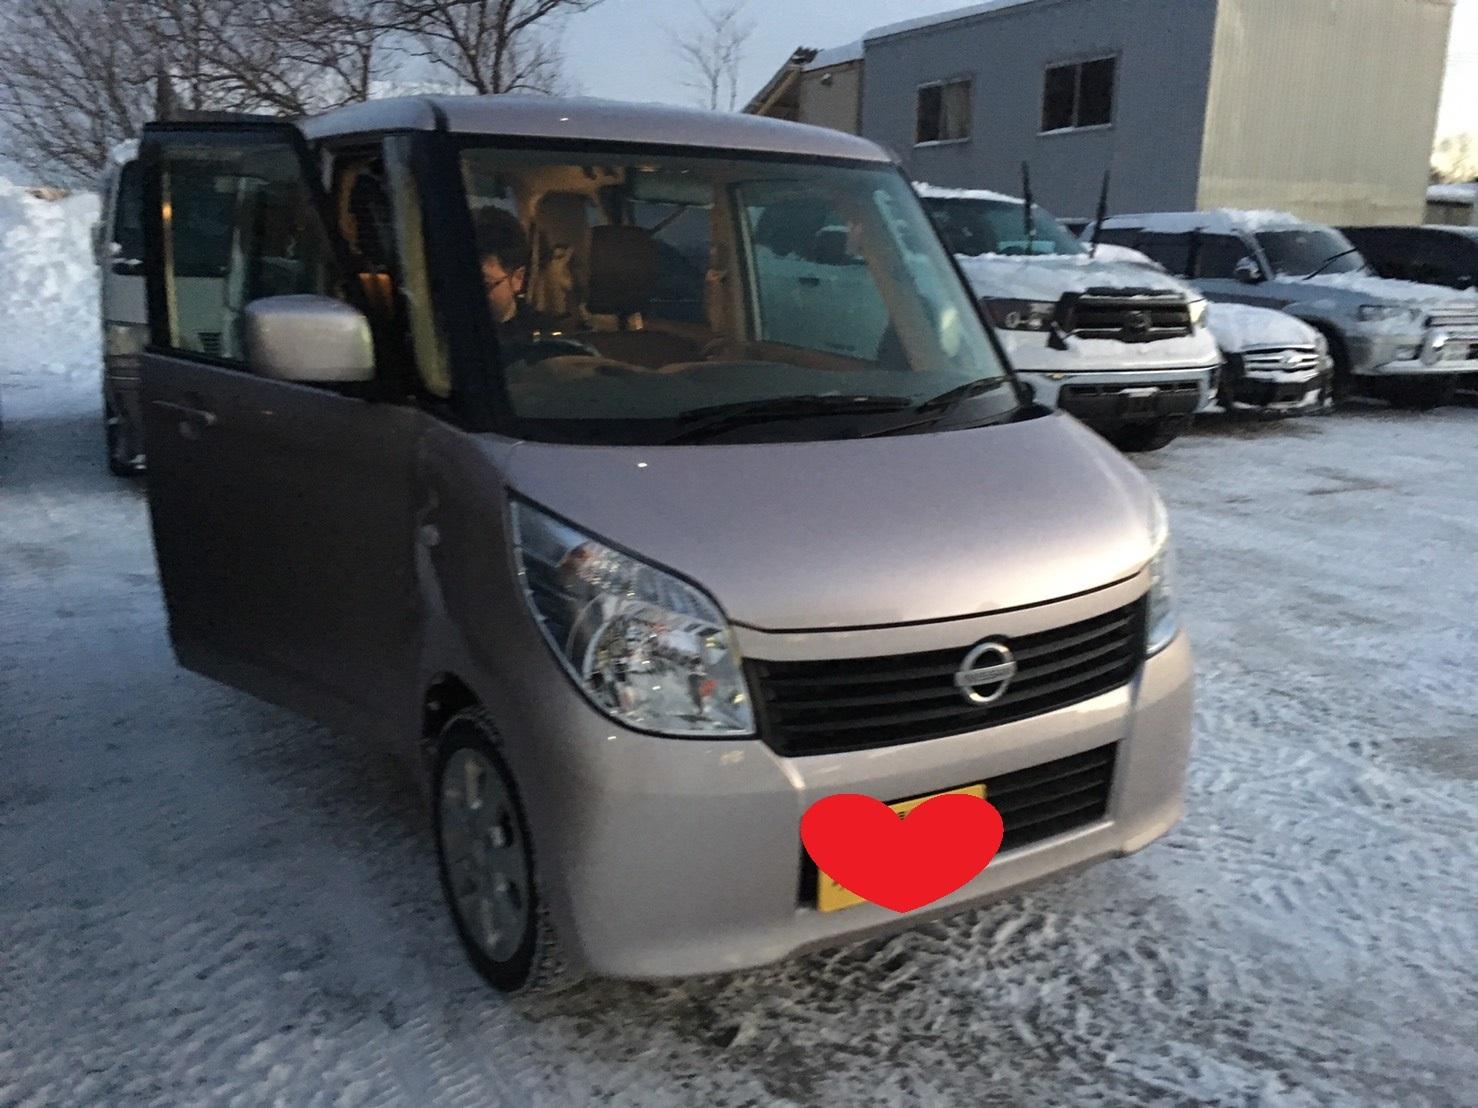 1月25日(金)トミーベース カスタムブログ☆ヴェルファイア ハマー ハイエース 様々な車種取り扱っています☆_b0127002_11150666.jpg